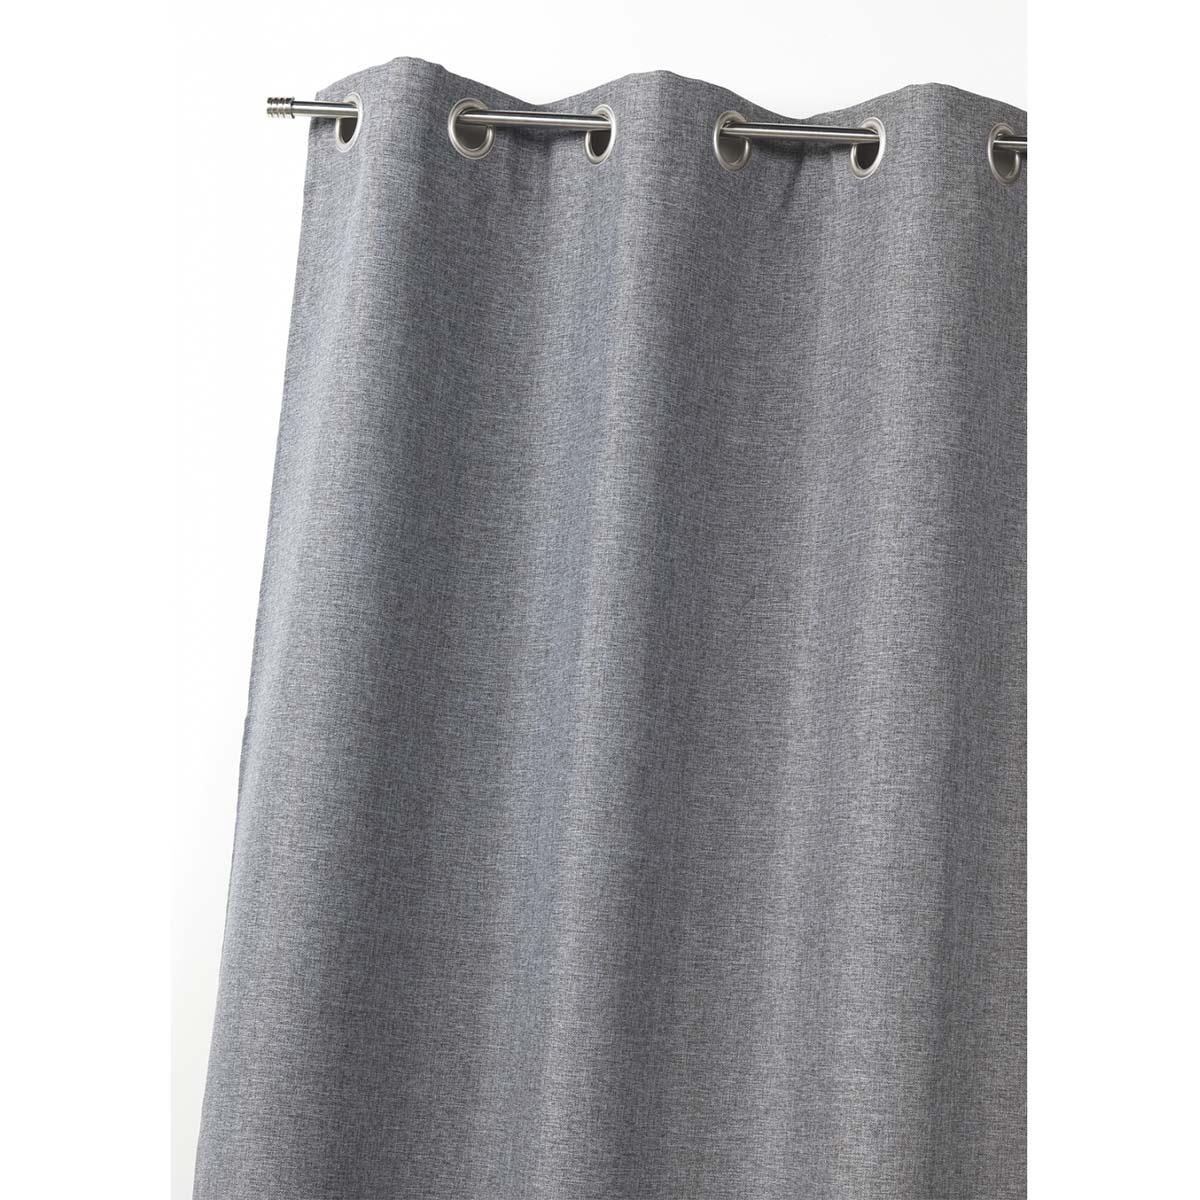 Rideau d'ameublement 100 % occultant uni doublé - Gris - 140 x 260 cm